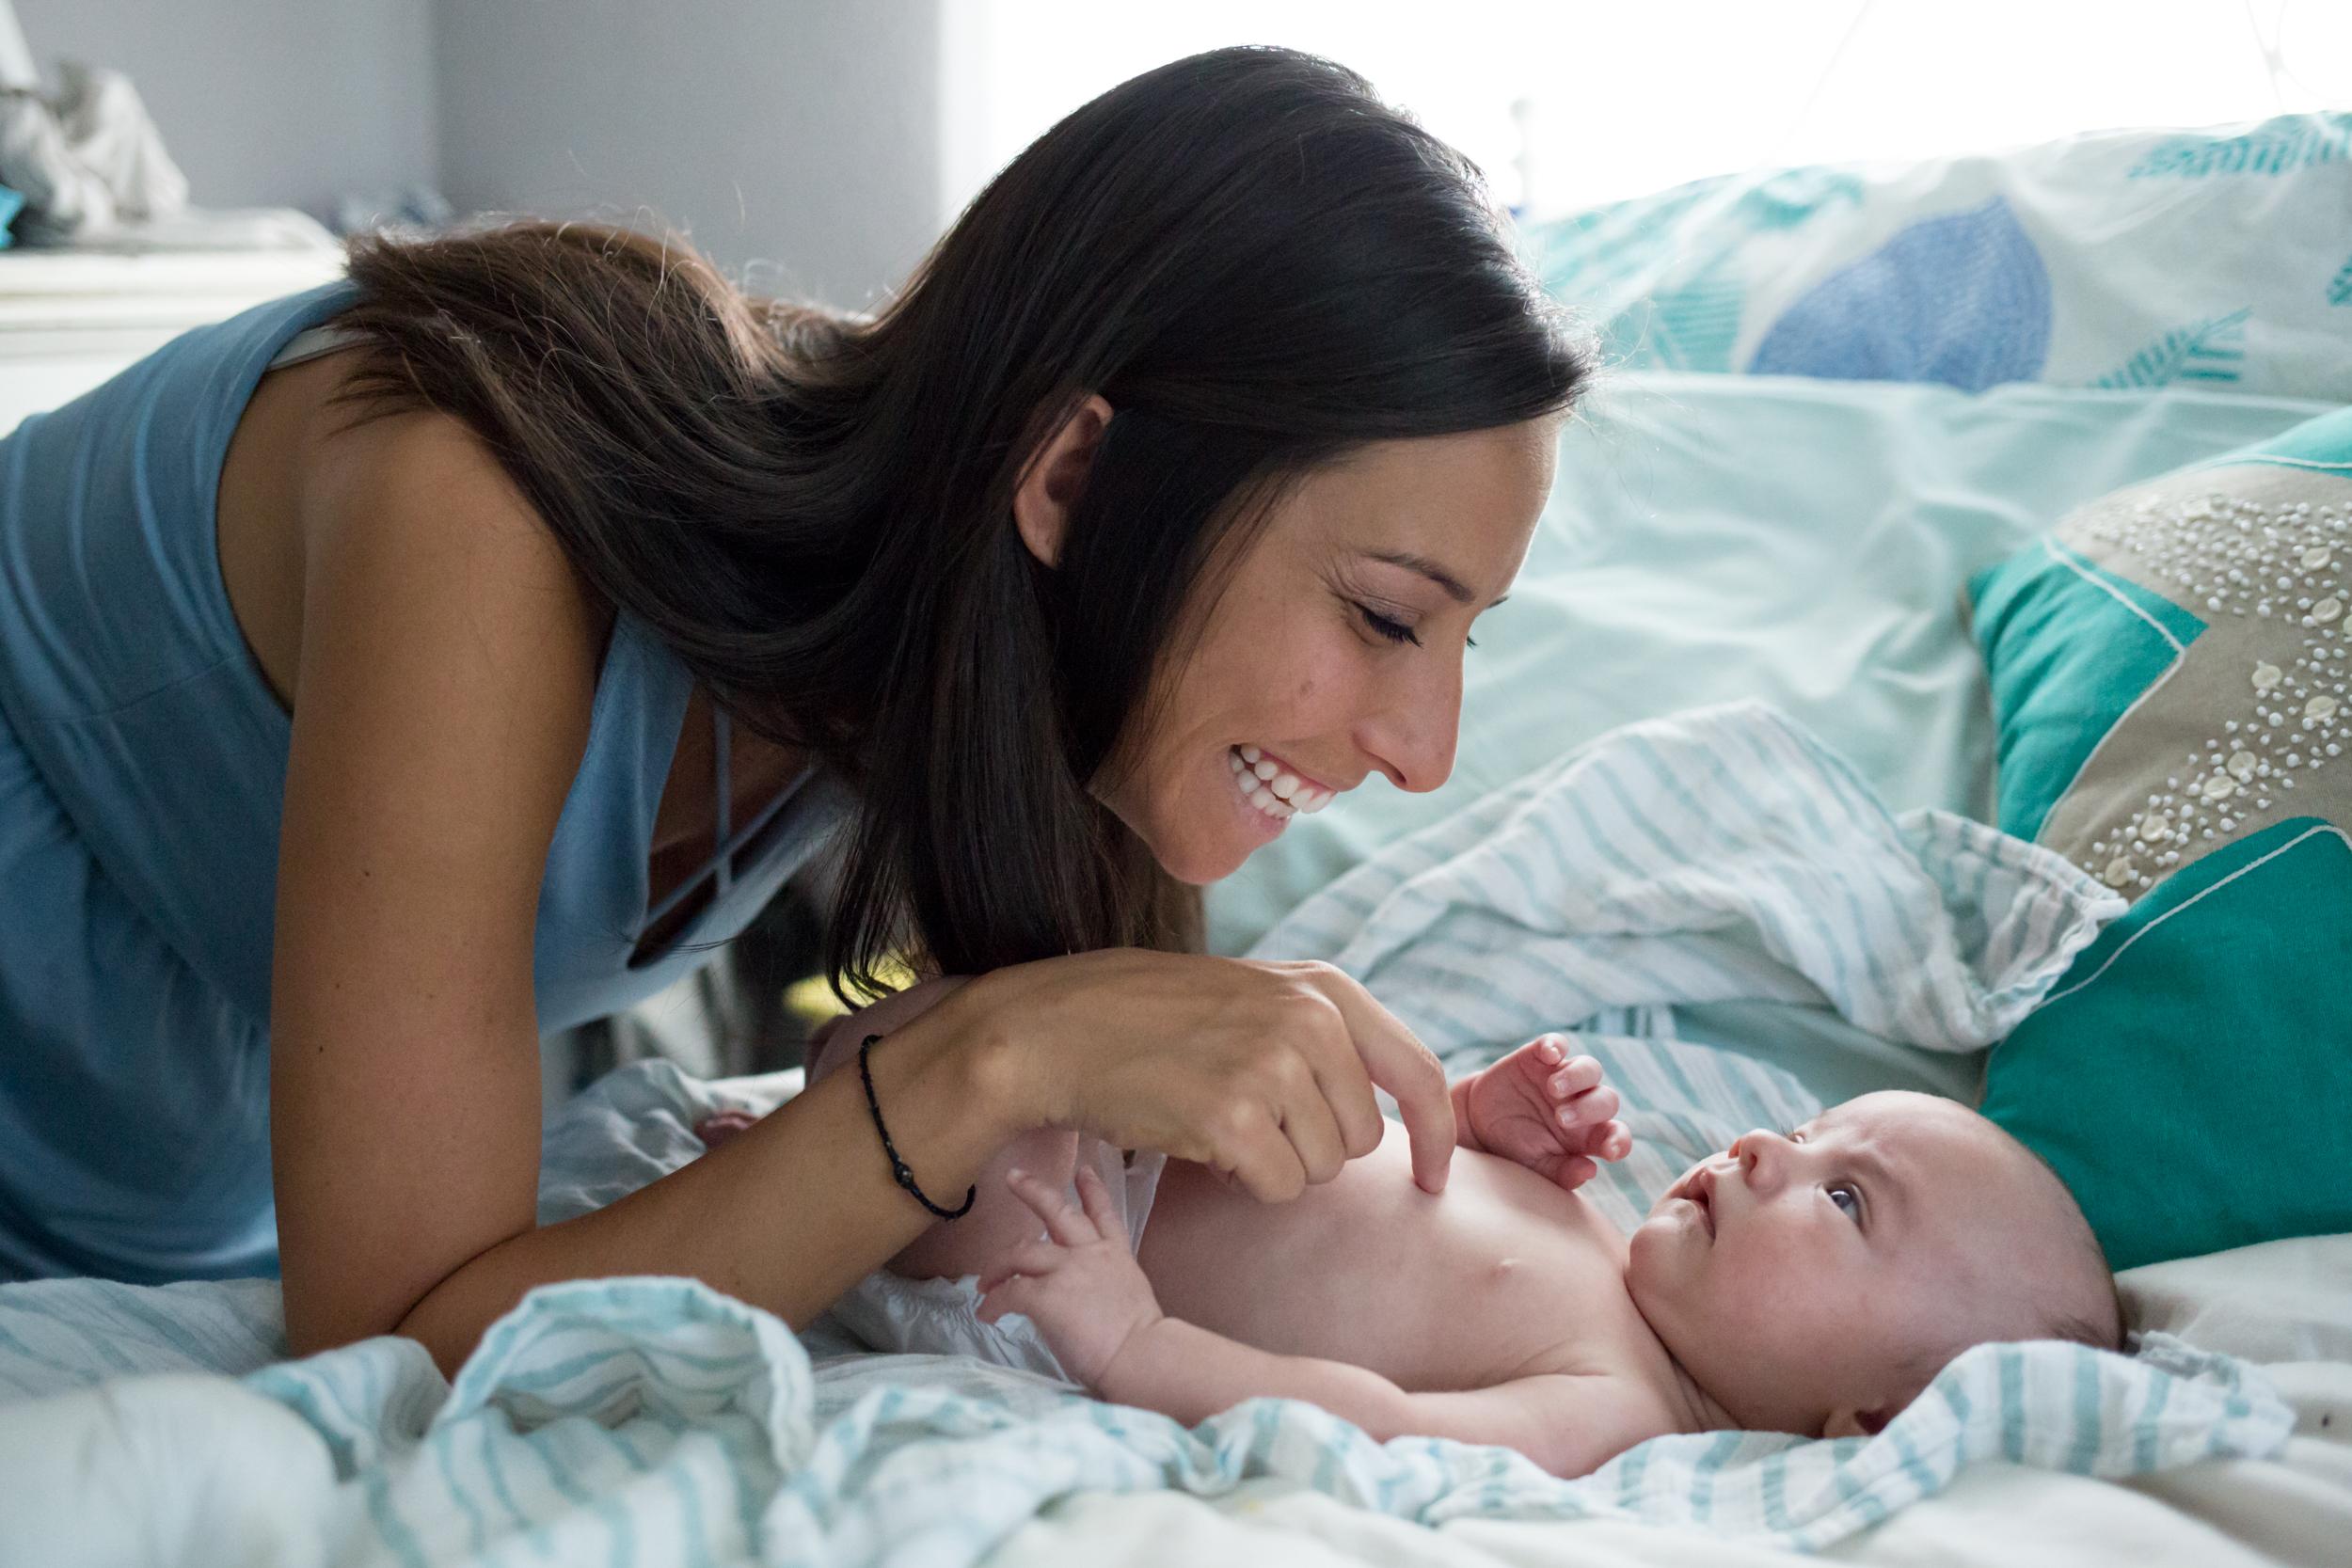 jacksonville-newborn-photographer-1.jpg